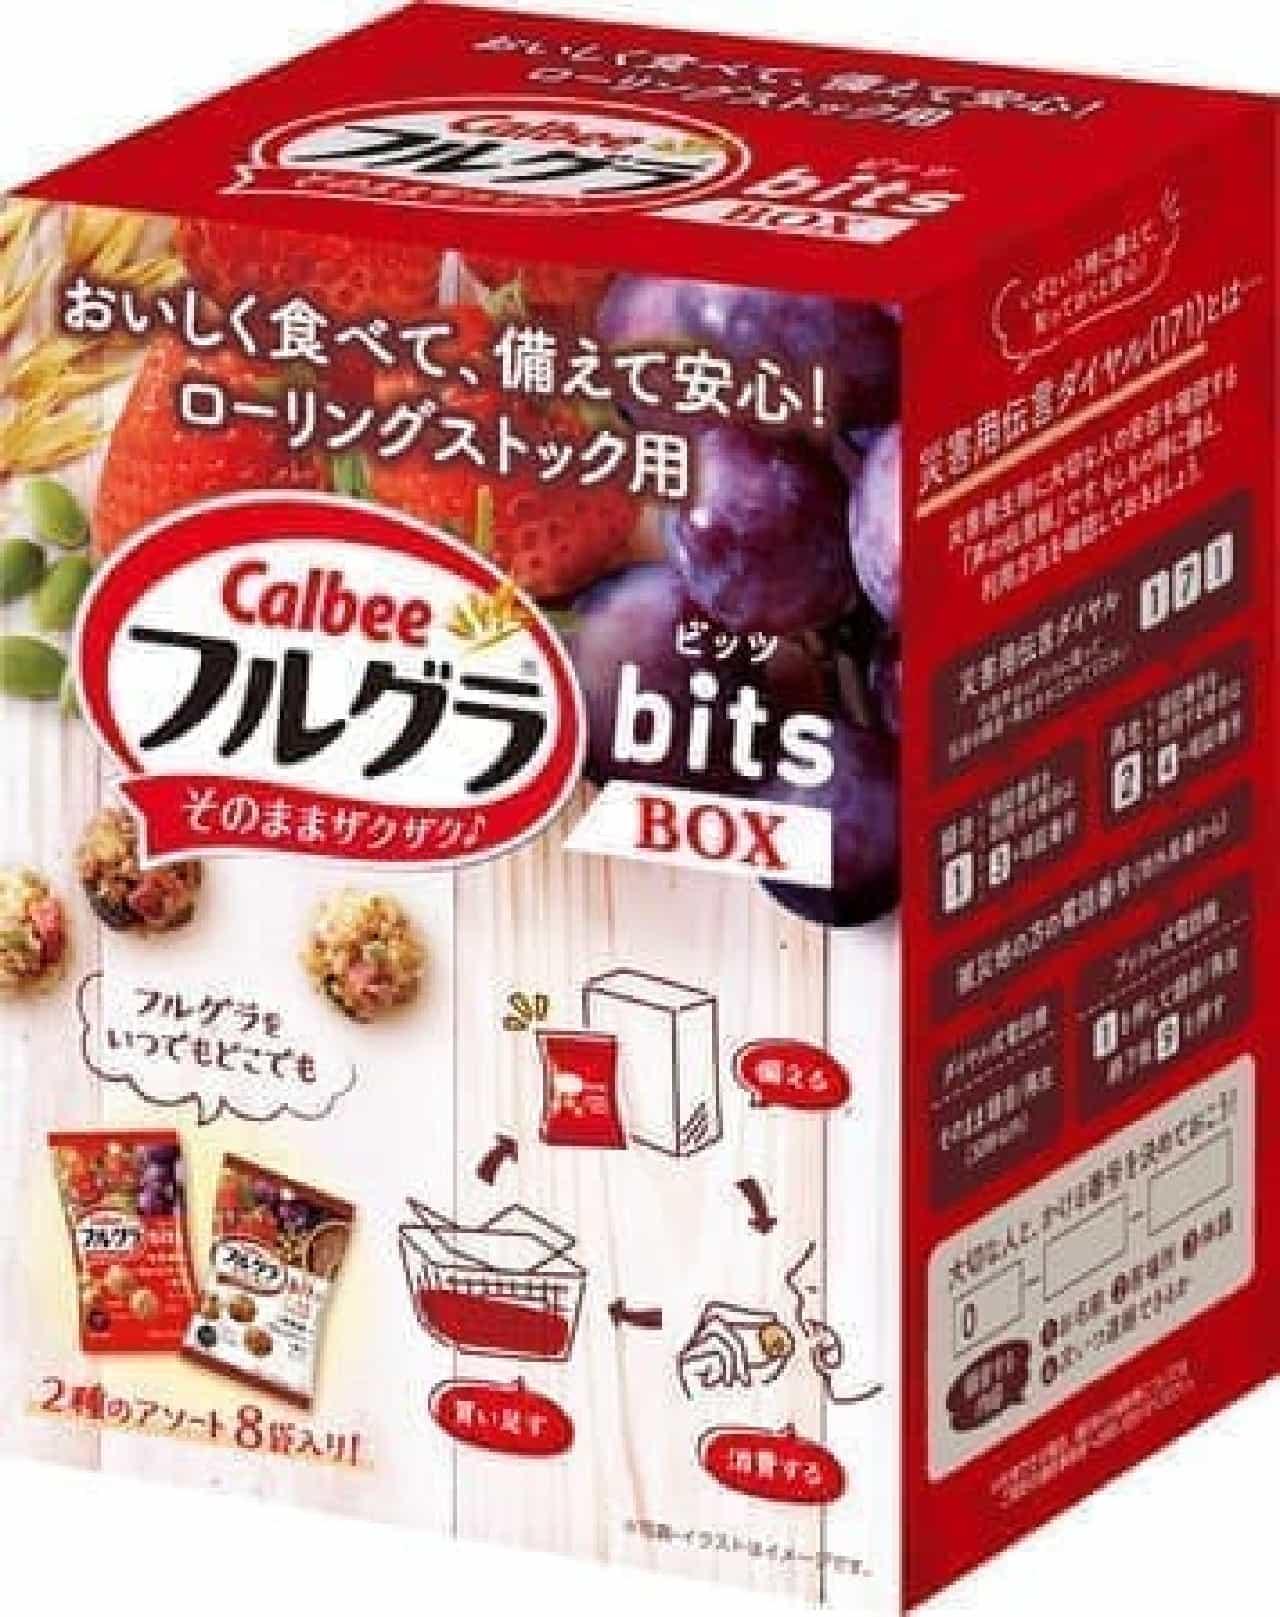 「ローリングストック用フルグラビッツBOX」発売 -- 専用ボックスに8袋入り【防災】